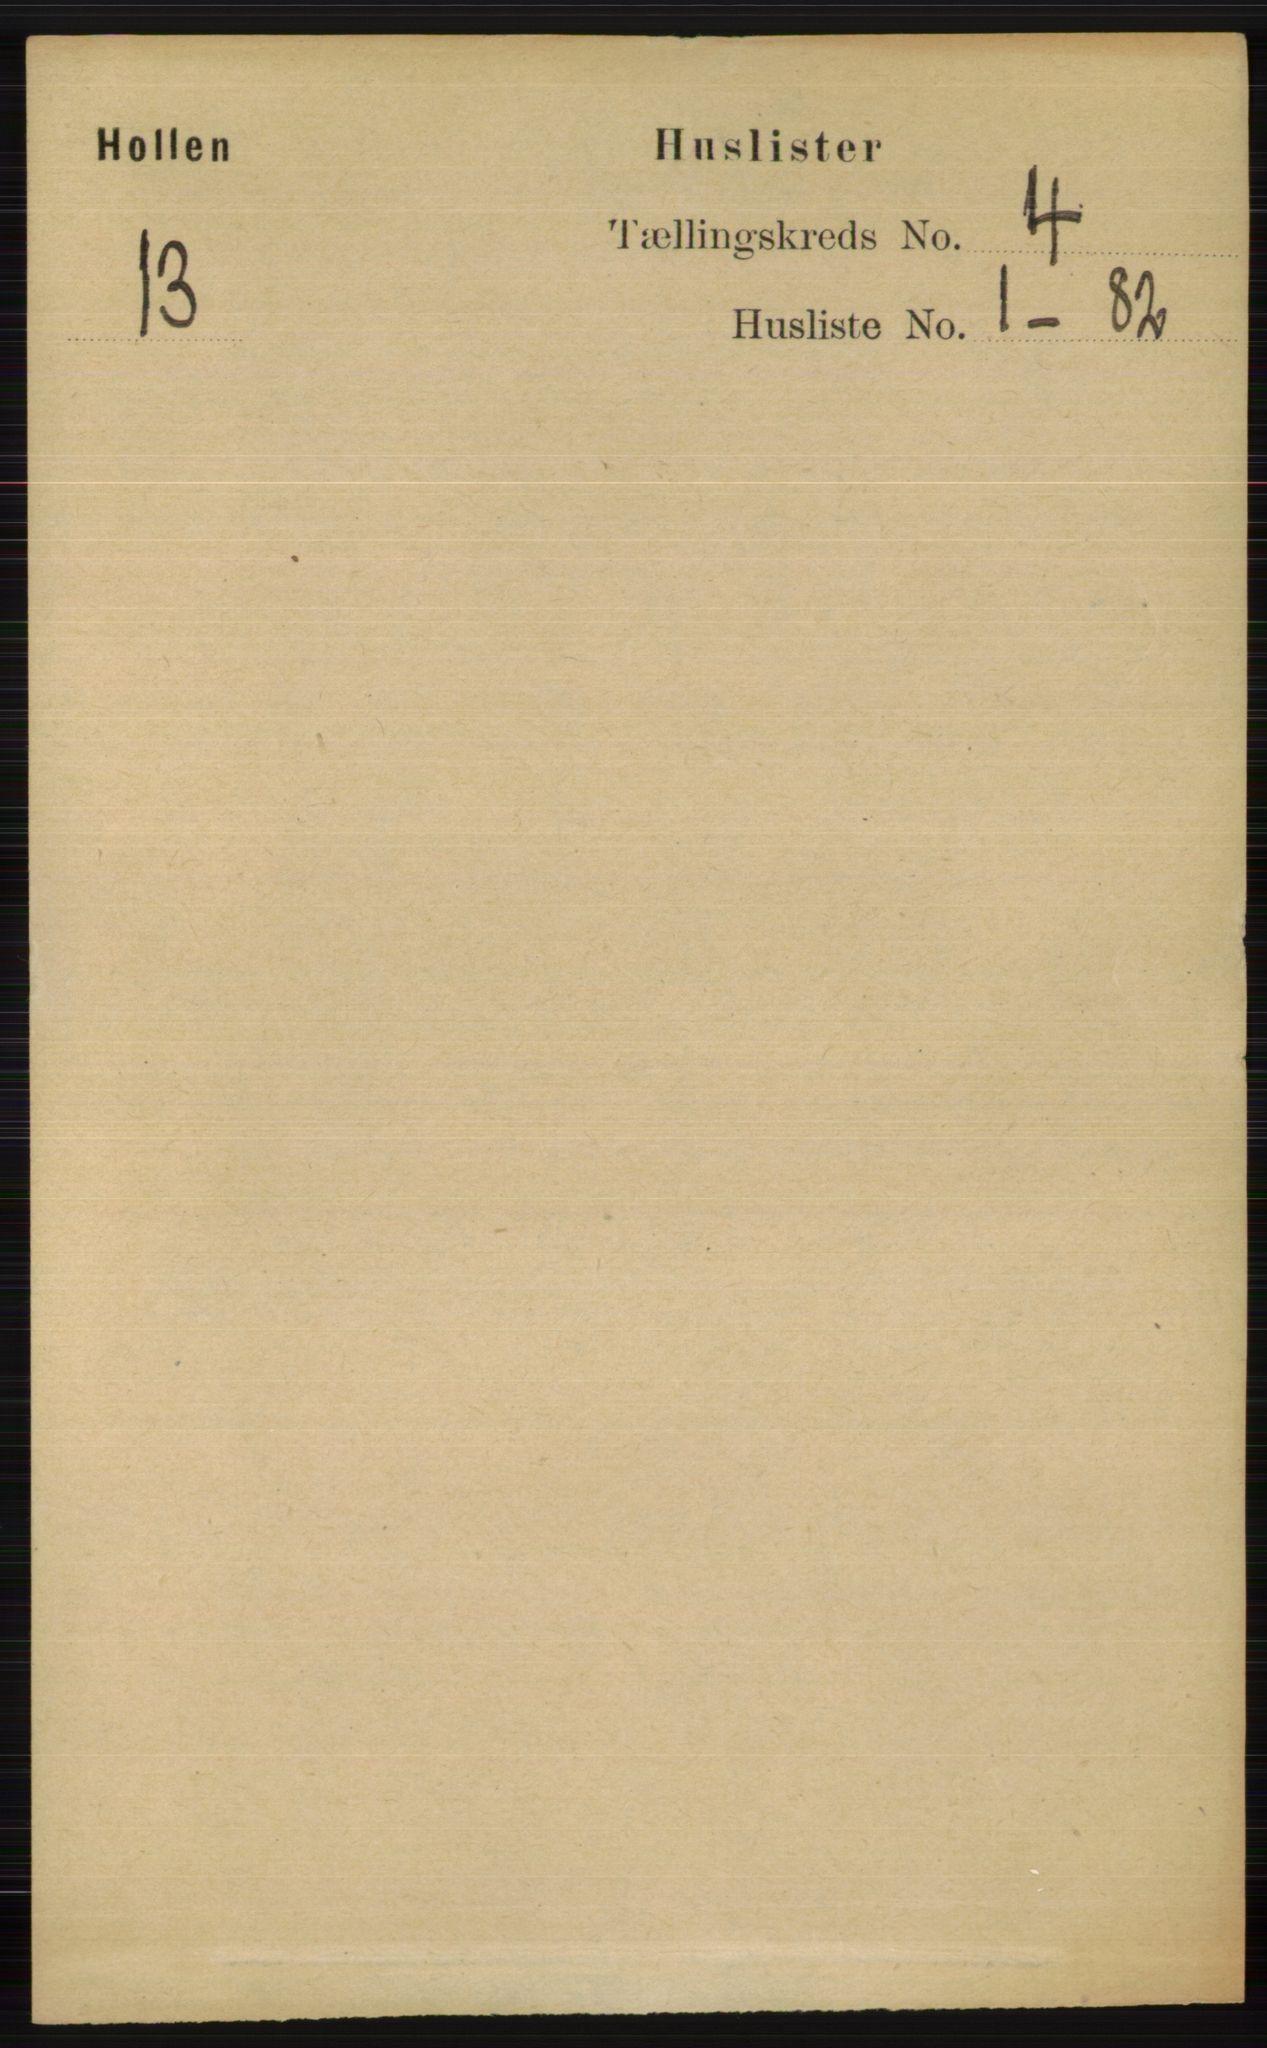 RA, Folketelling 1891 for 0819 Holla herred, 1891, s. 2172